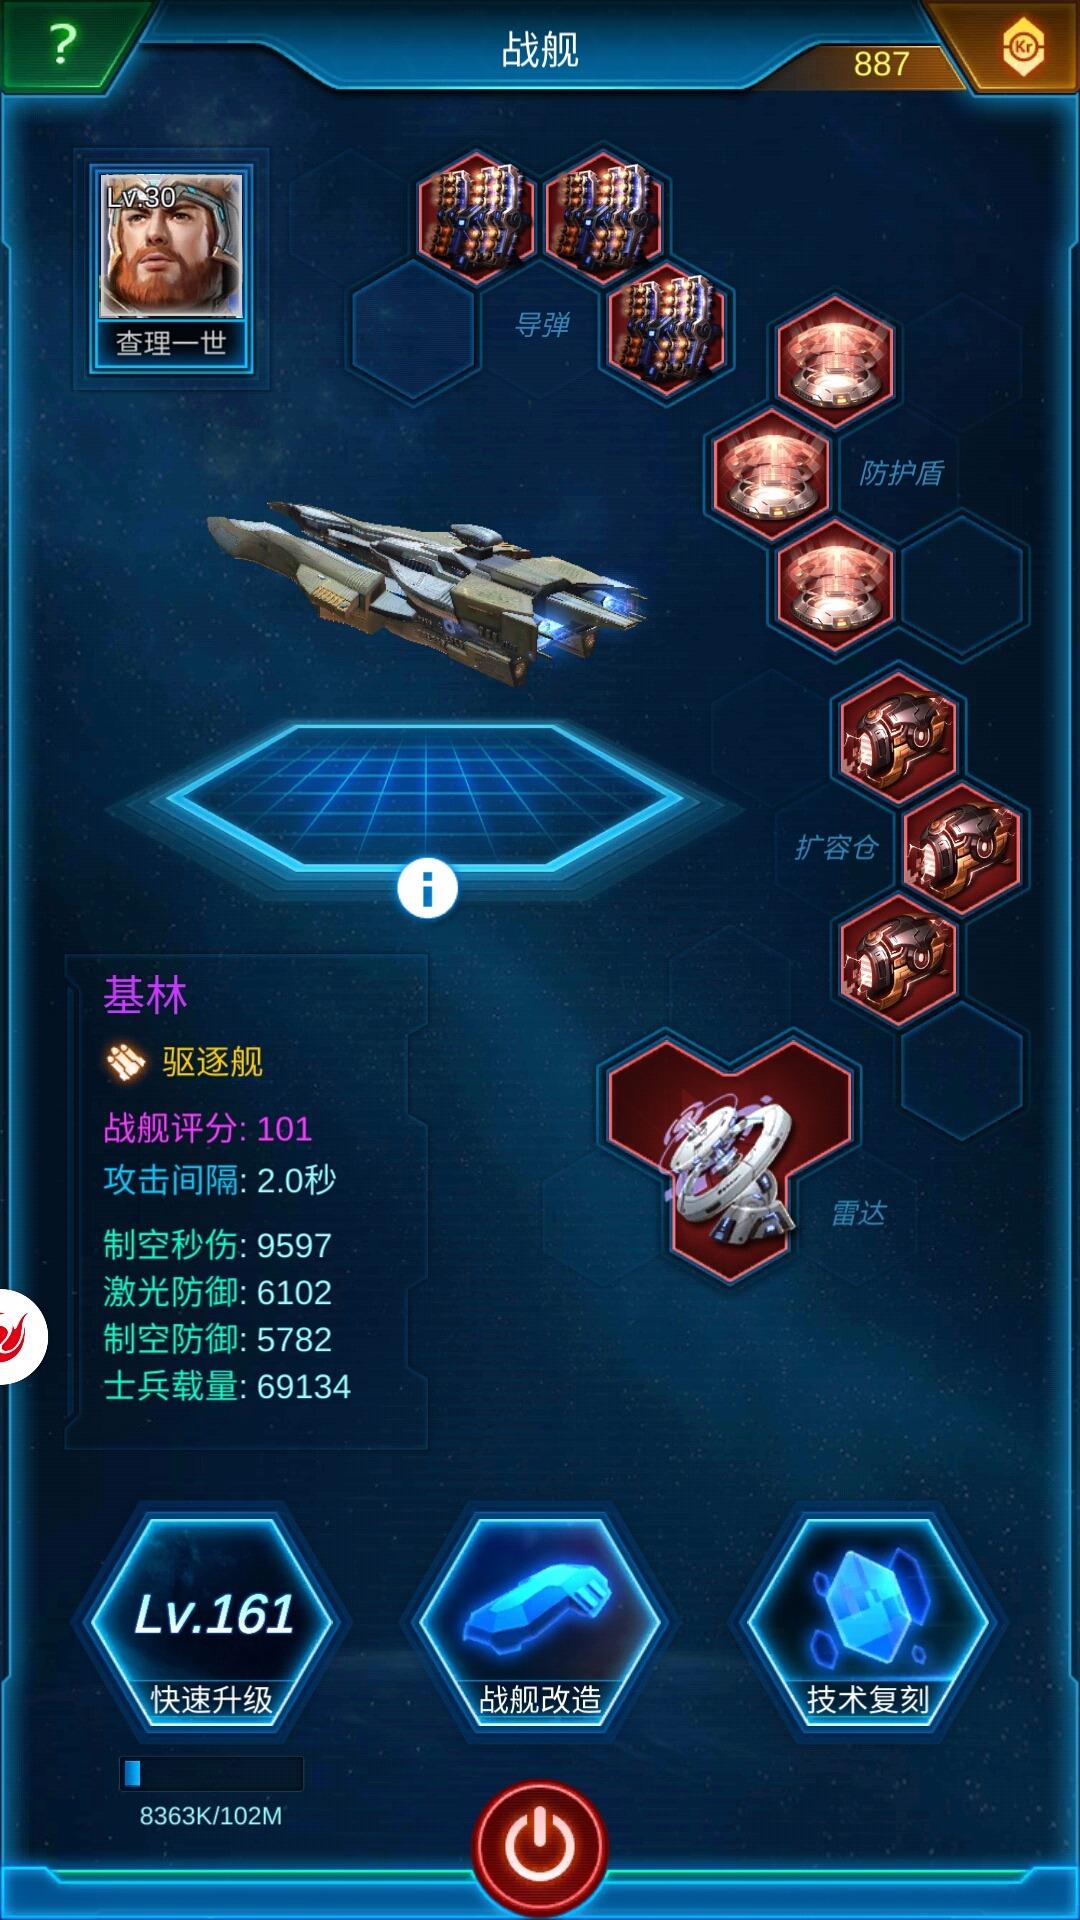 Screenshot_2020-03-01-22-08-01.jpg